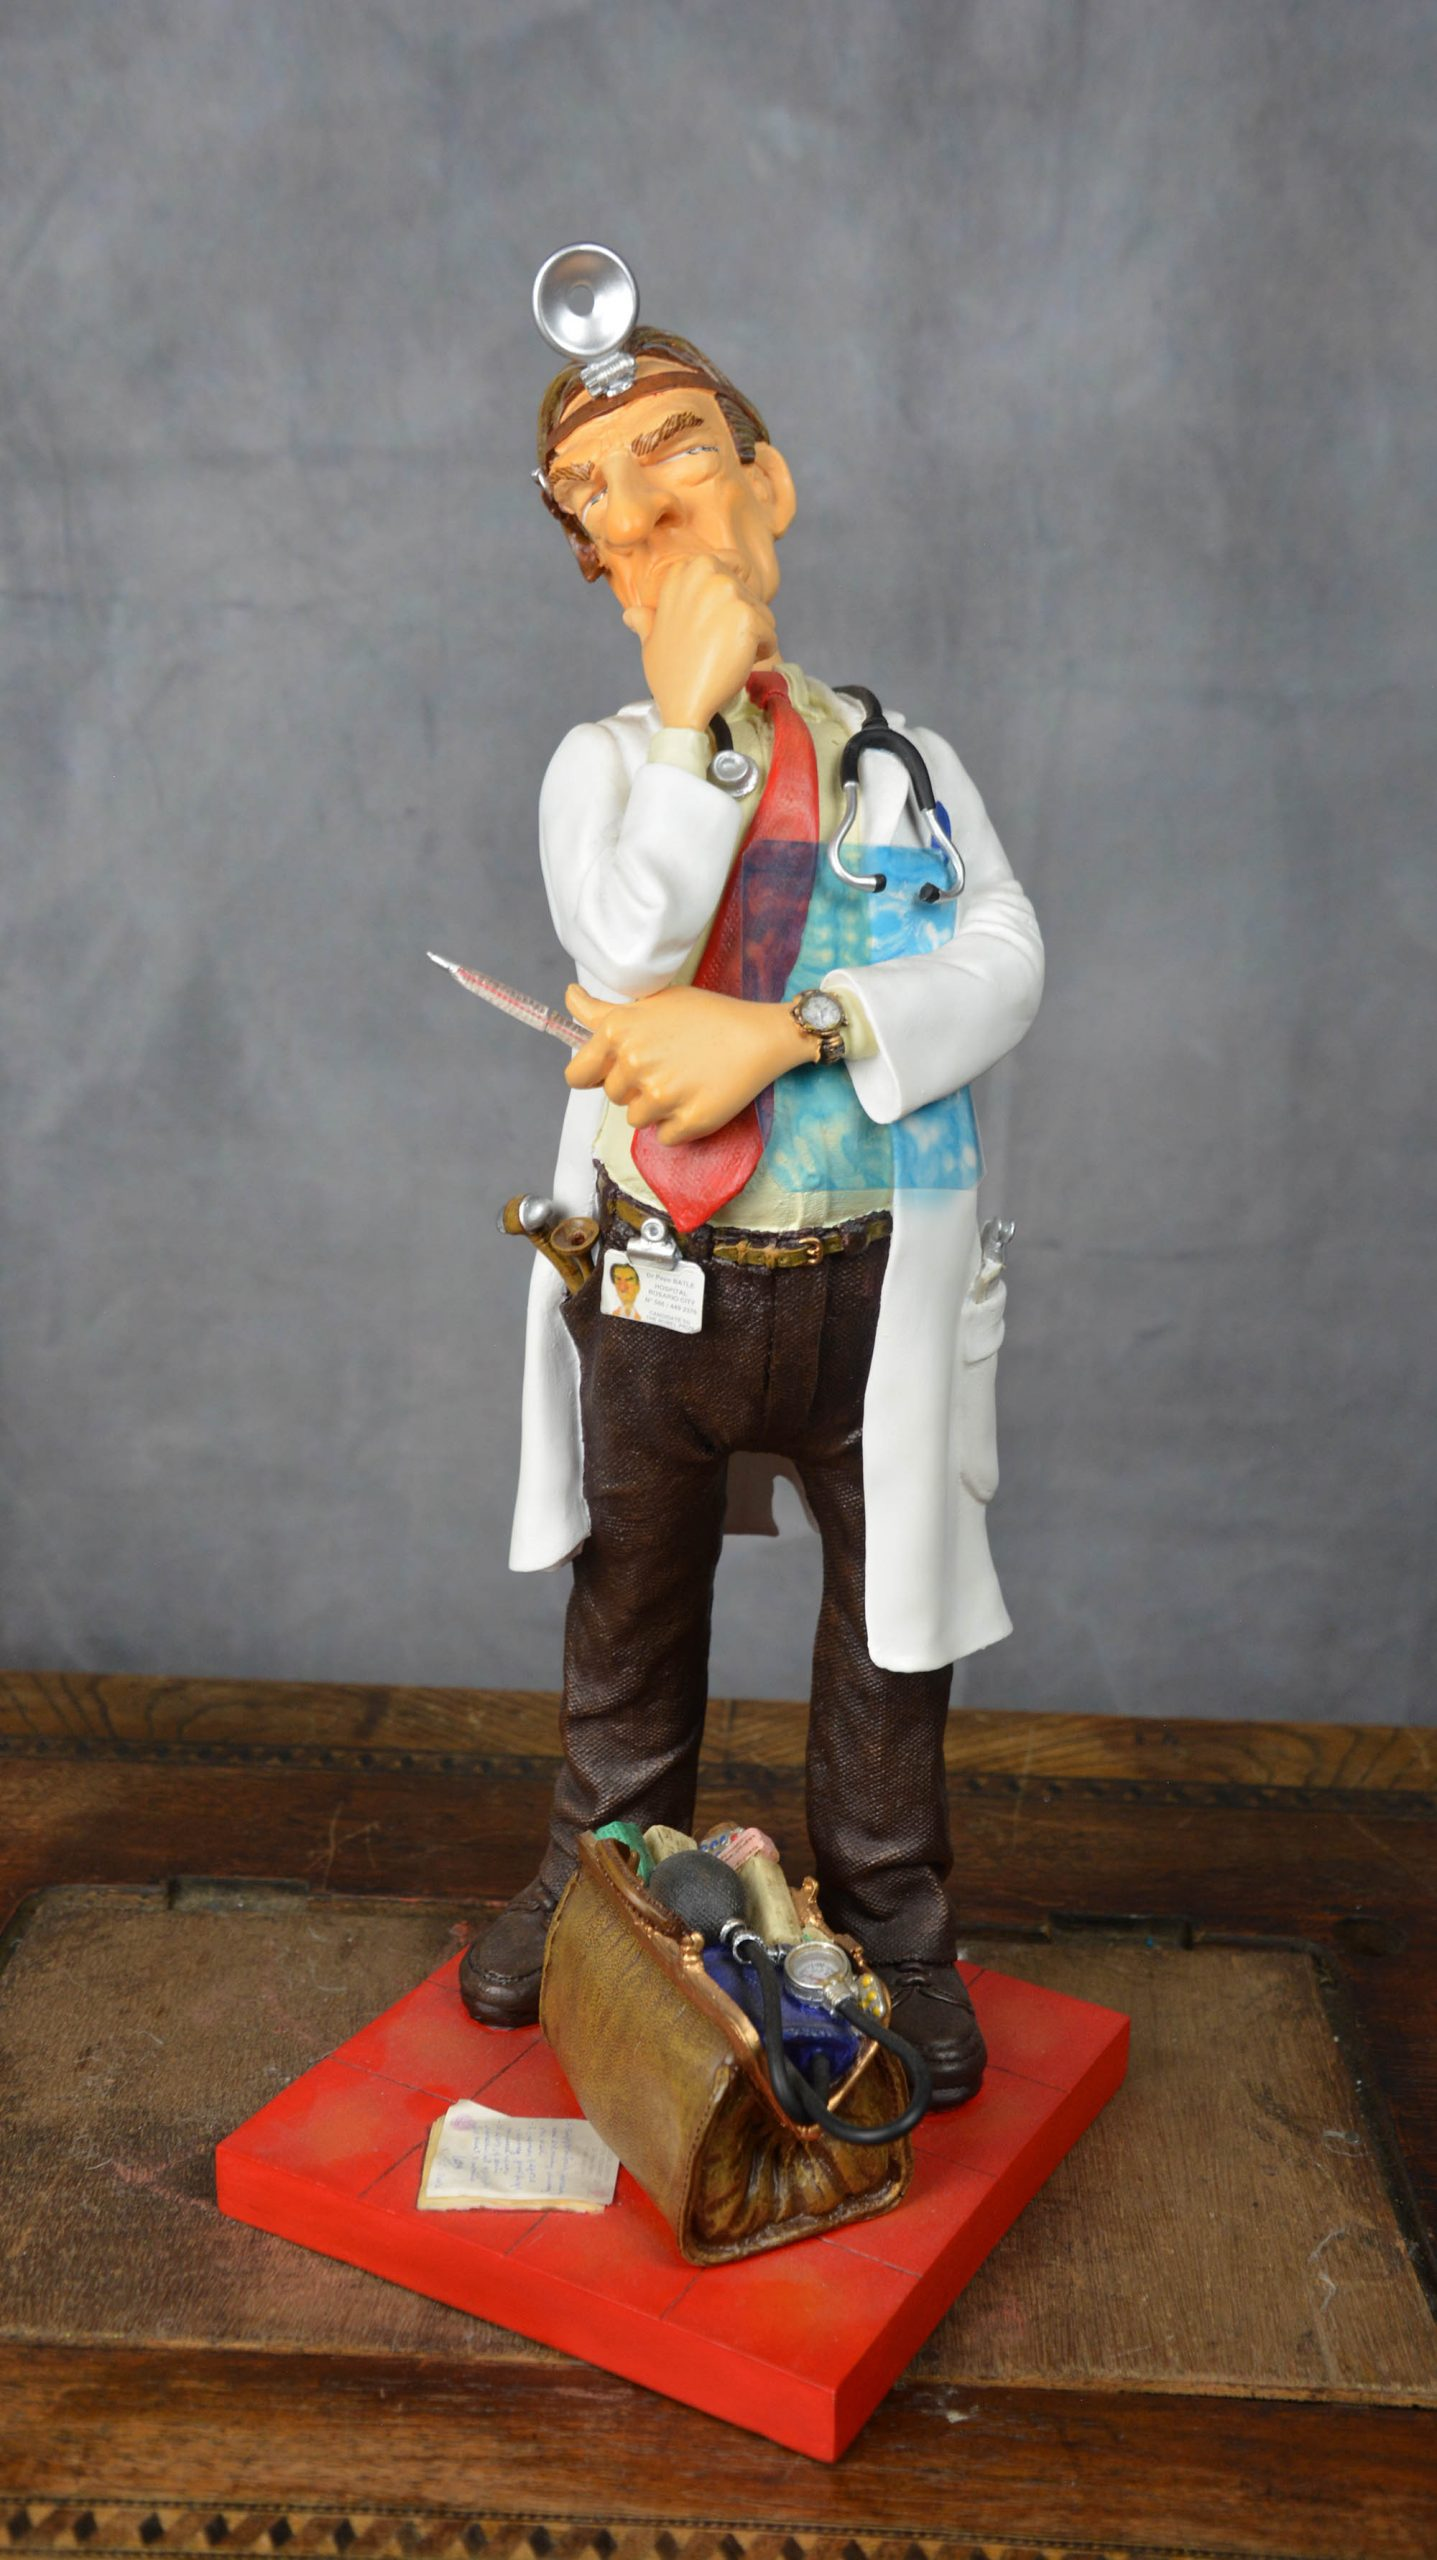 boutique figurine piece artisanale personnage docteur parodie